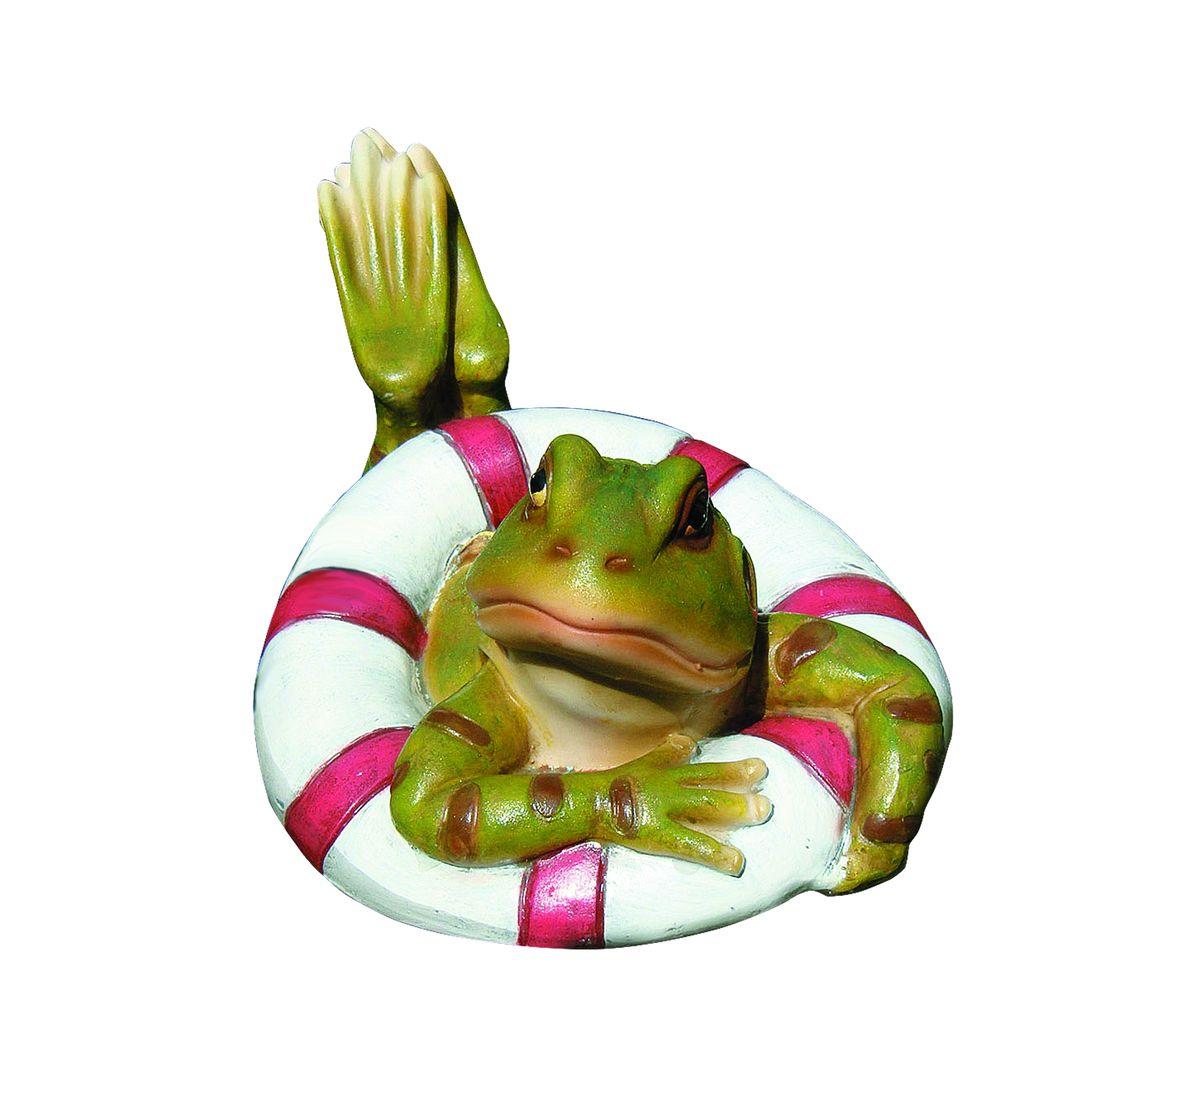 Фигурка декоративная Green Apple Лягушка, плавающаяGRWD1-17Плавающая декоративная фигурка Green Apple Лягушка выполнена из полистоуна в виде забавного лягушонка в спасательном круге. Фигурка устойчива к любым погодным условиям, отличается прочностью и долгим сроком службы. Такой фигуркой можно украсить небольшой пруд на садовом или коттеджном участке. Настоящий хозяин всегда хочет украсить свой садовый участок по достоинству и в соответствии с характером. Такая фигурка поможет вам проявить вашу индивидуальность.